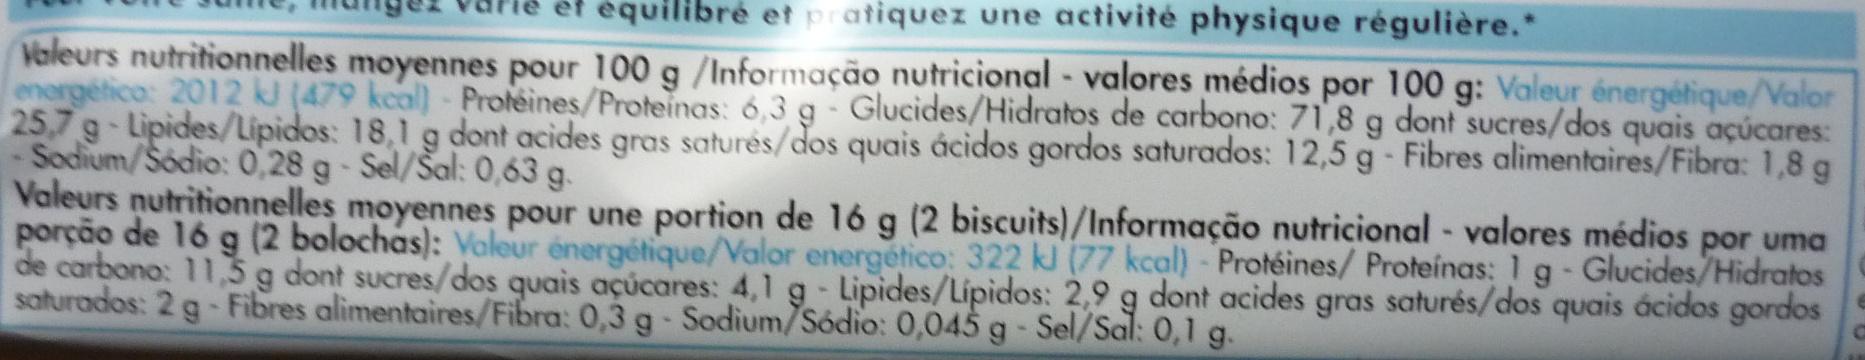 Galettes bretonnes pur beurre - Informations nutritionnelles - fr